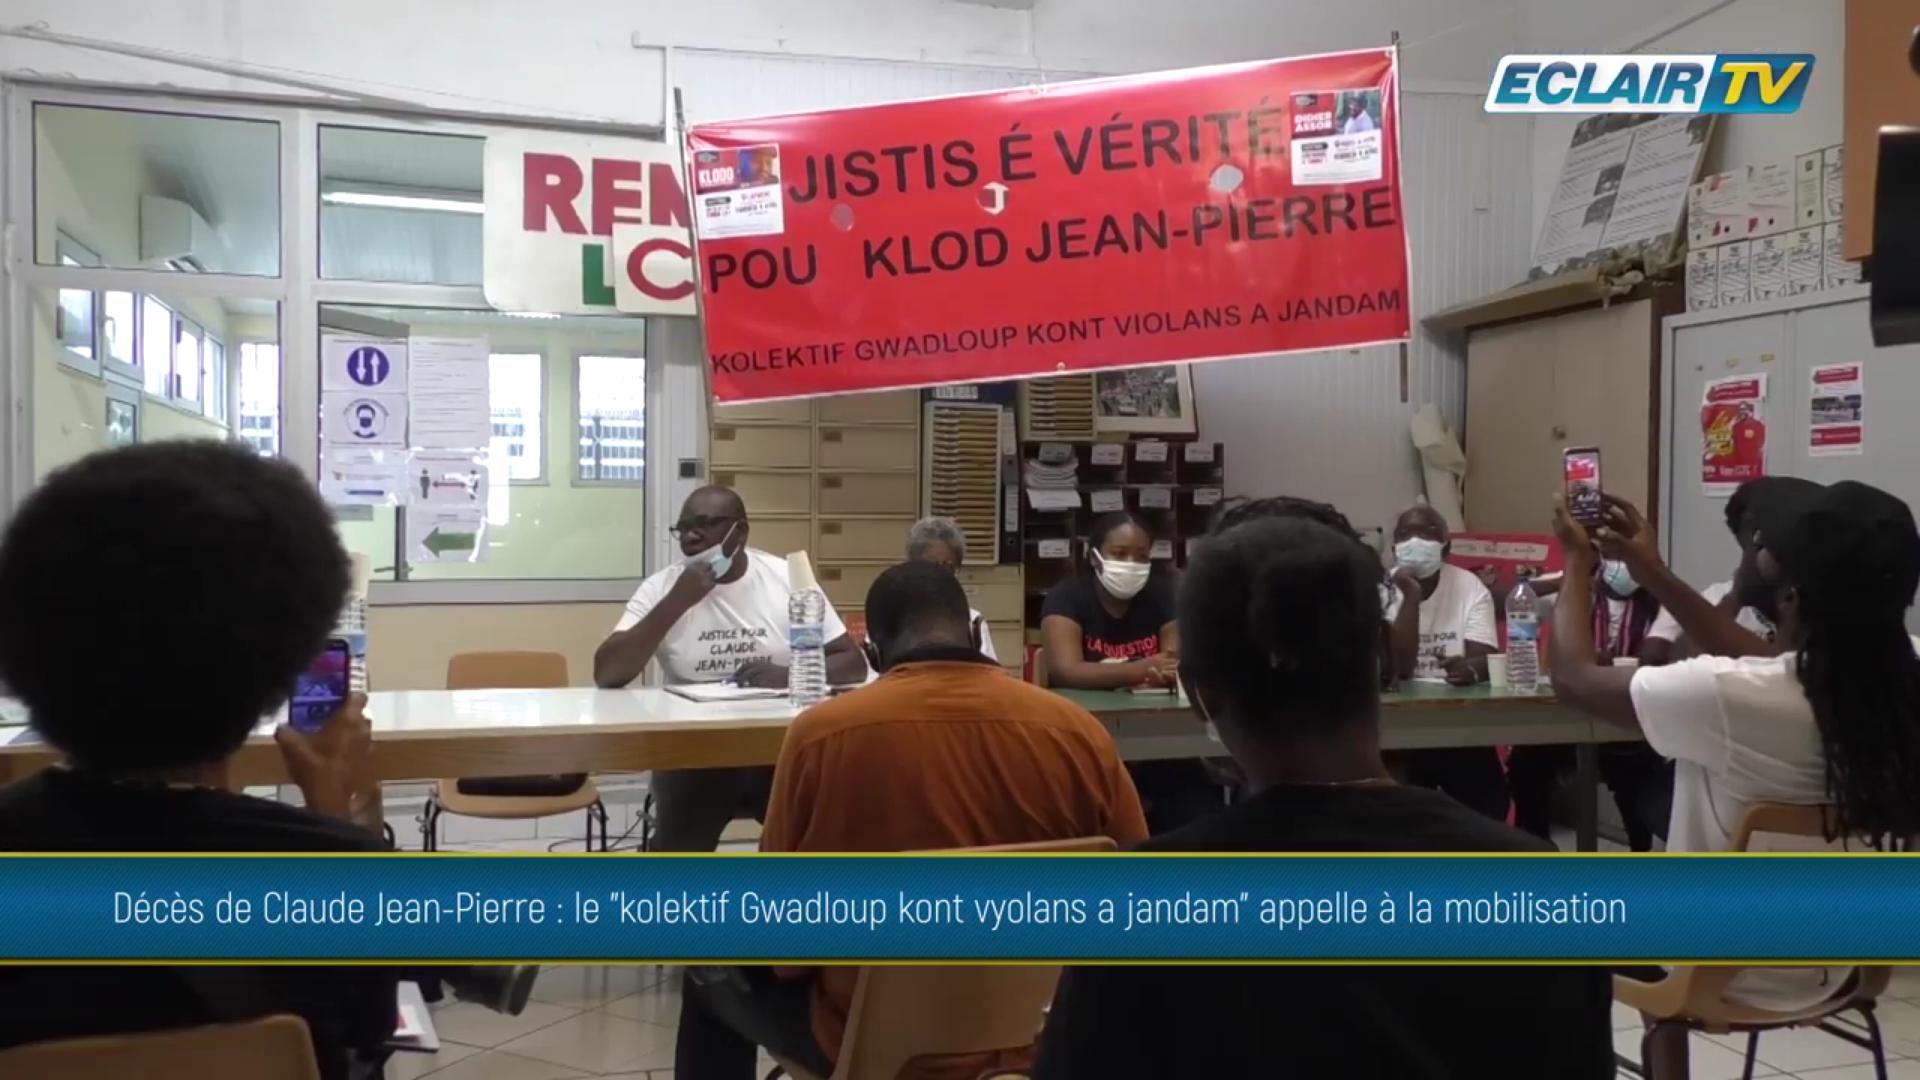 Onews Guadeloupe. Décès de Claude JEAN Pierre, un Collectif appelle à la mobilisation (Eclair TV)